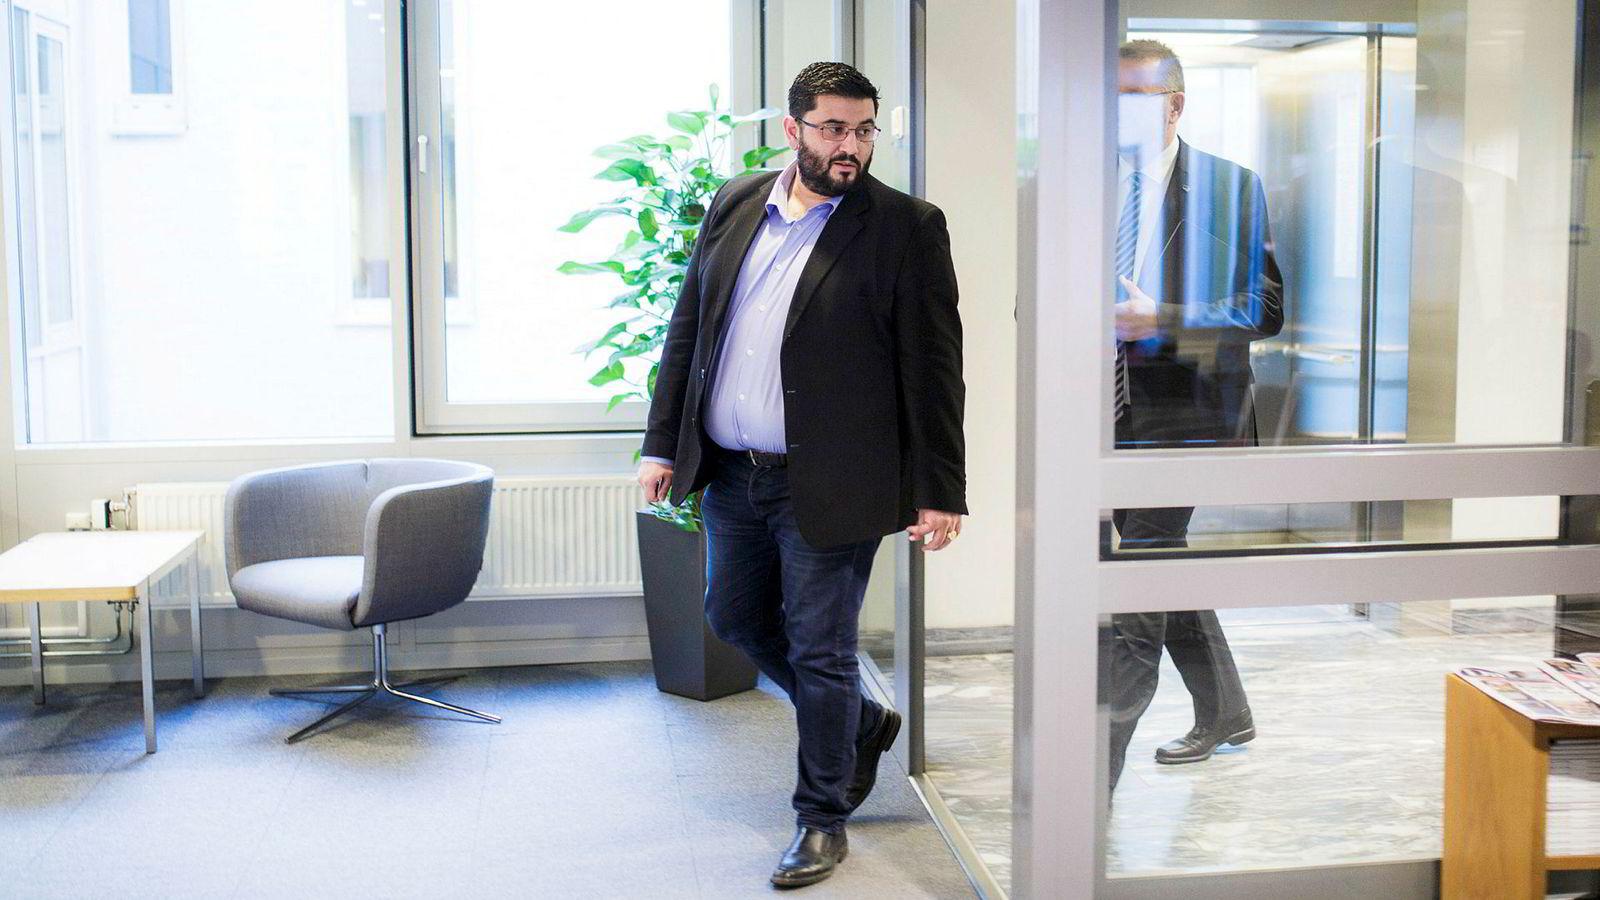 Mazyar Keshvari trakk seg torsdag som leder for Oslo Frp, etter at Aftenposten har avslørt at han urettmessig har fått utbetalt penger etter å ha levert inn fiktive reiseregninger.